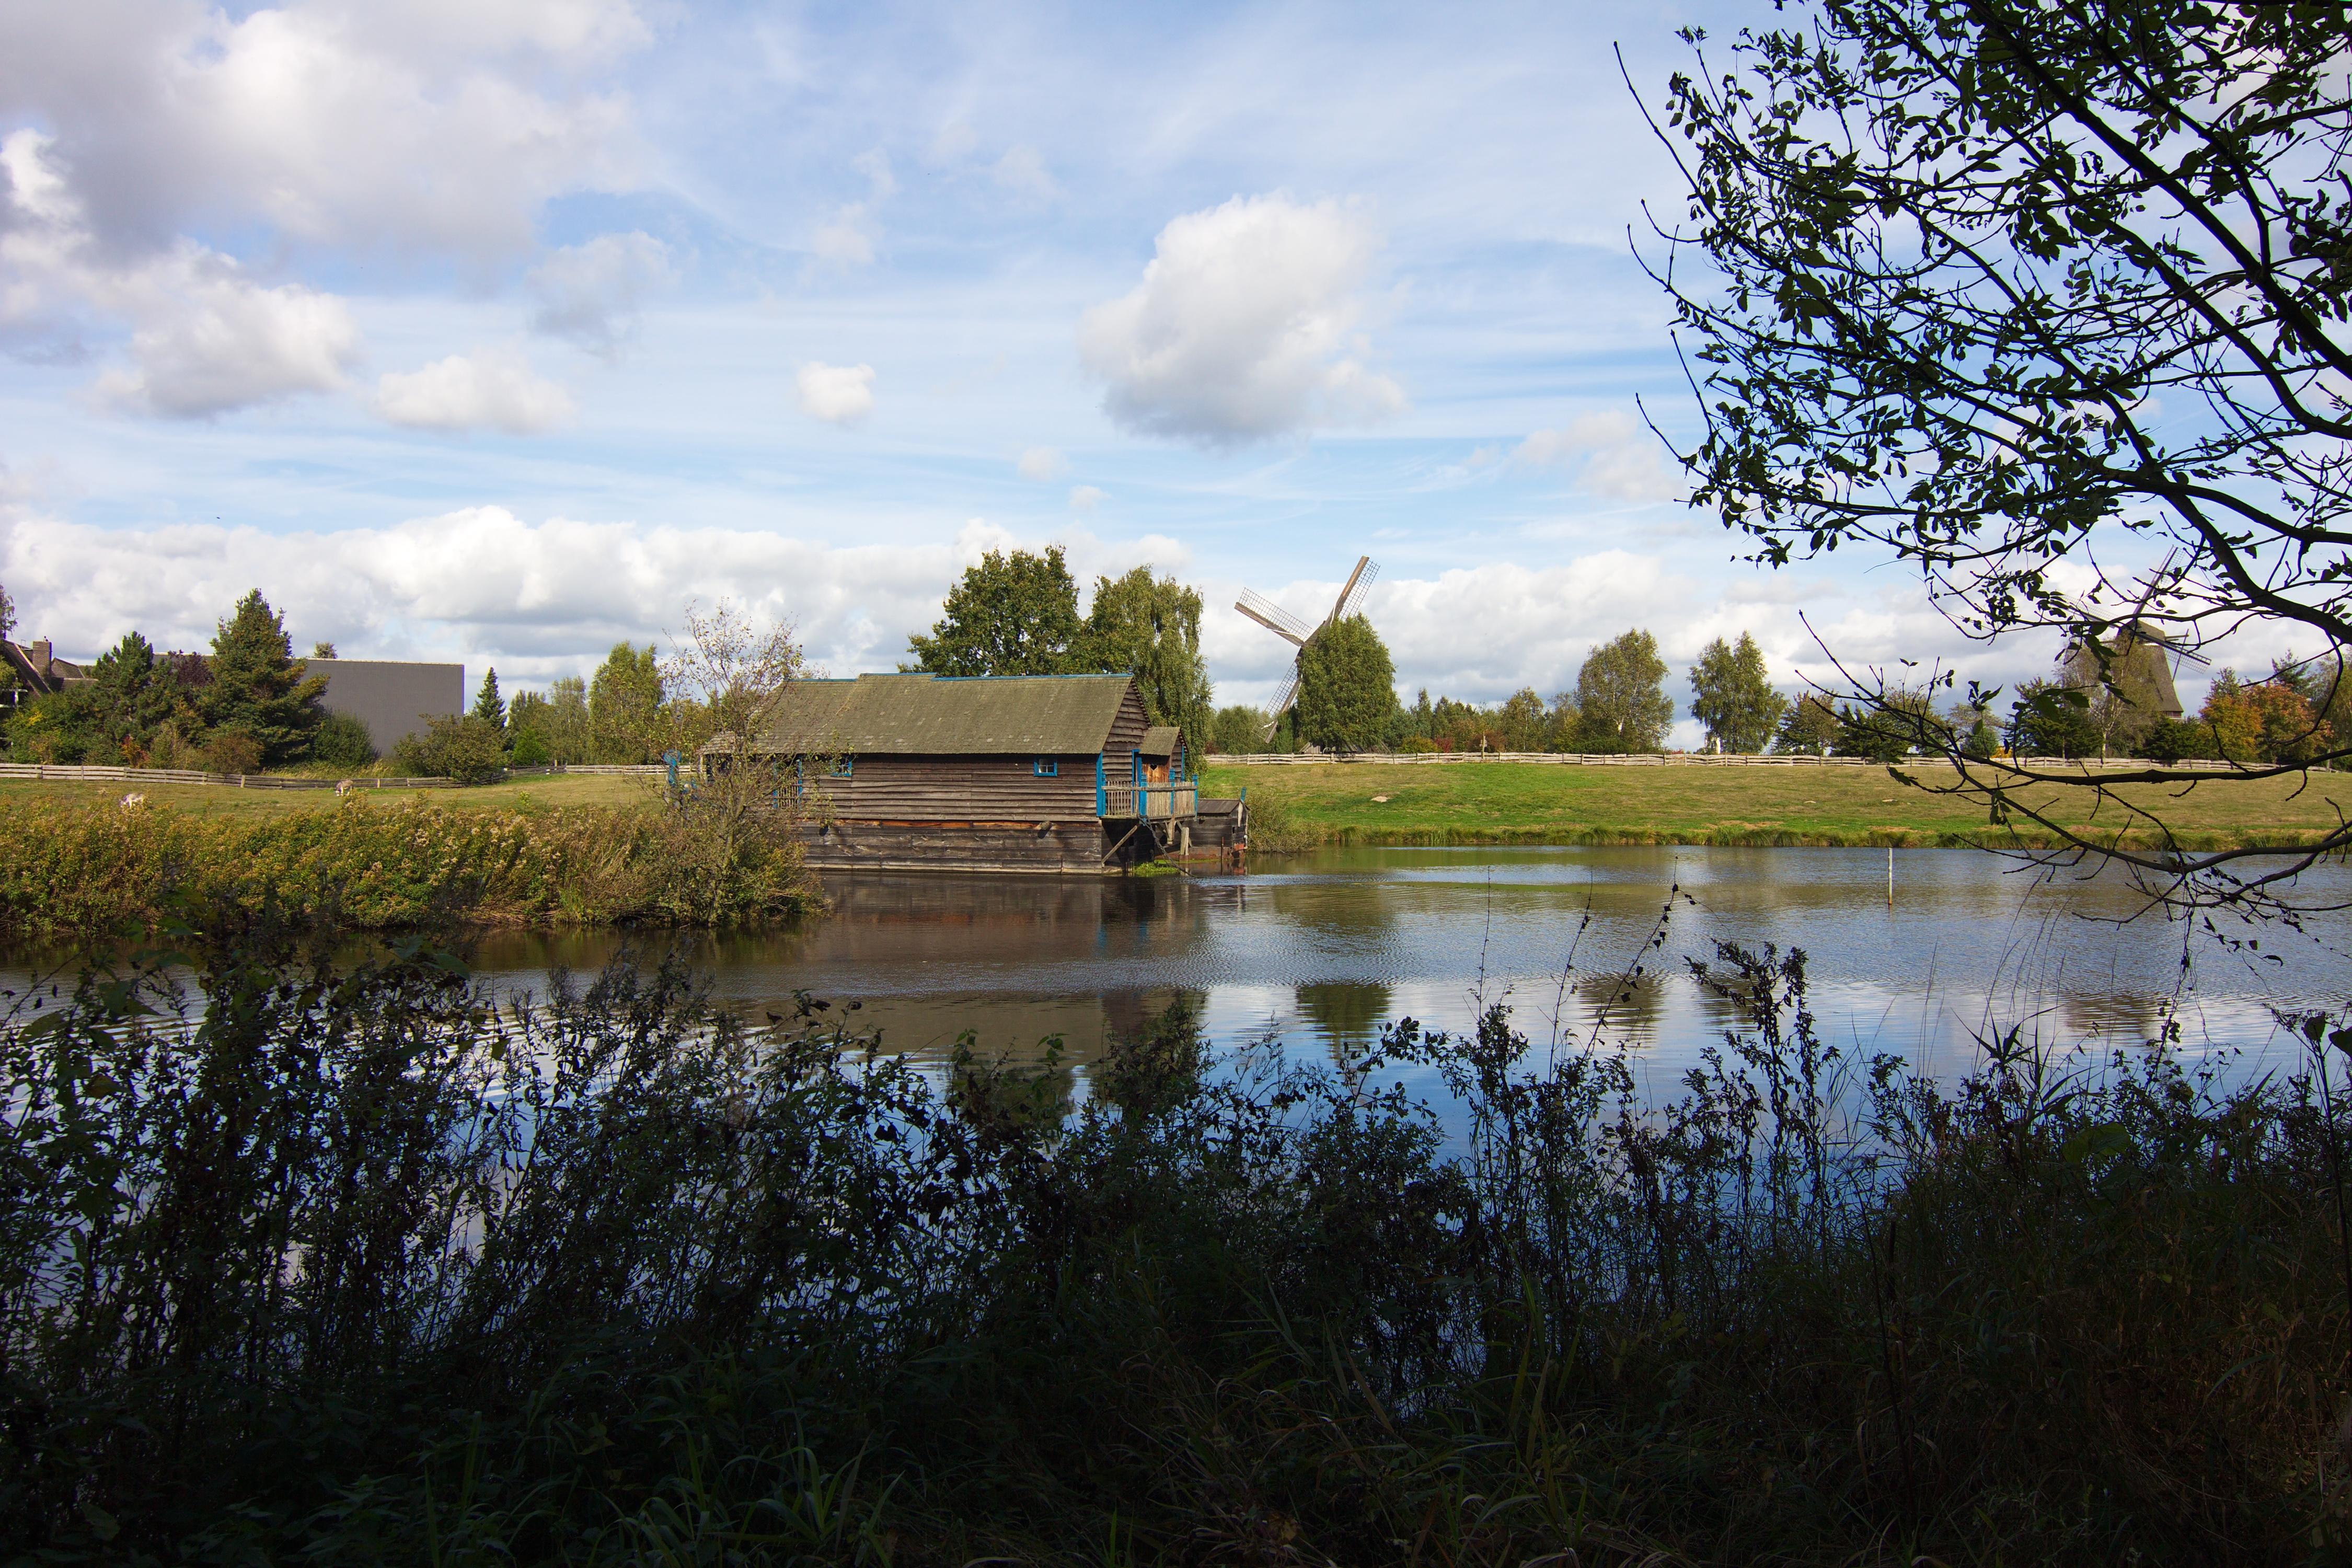 Международный музей ветряных и водяных мельниц в городе Гифхорн, Германия. Источник https://upload.wikimedia.org/